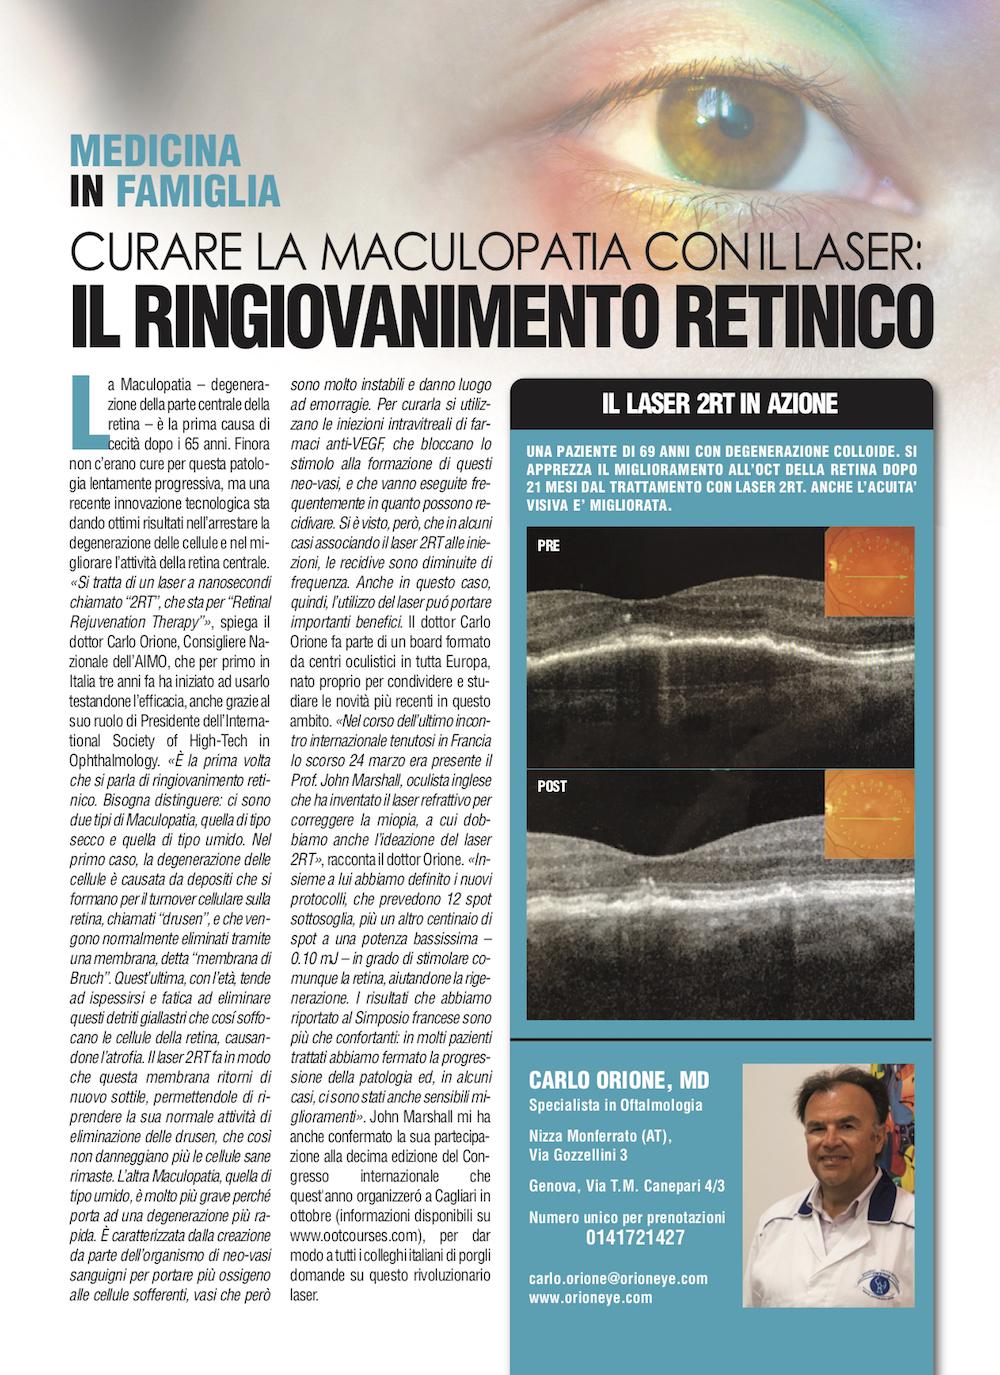 Curare la maculopatia conillaser: il ringiovanimento retinico